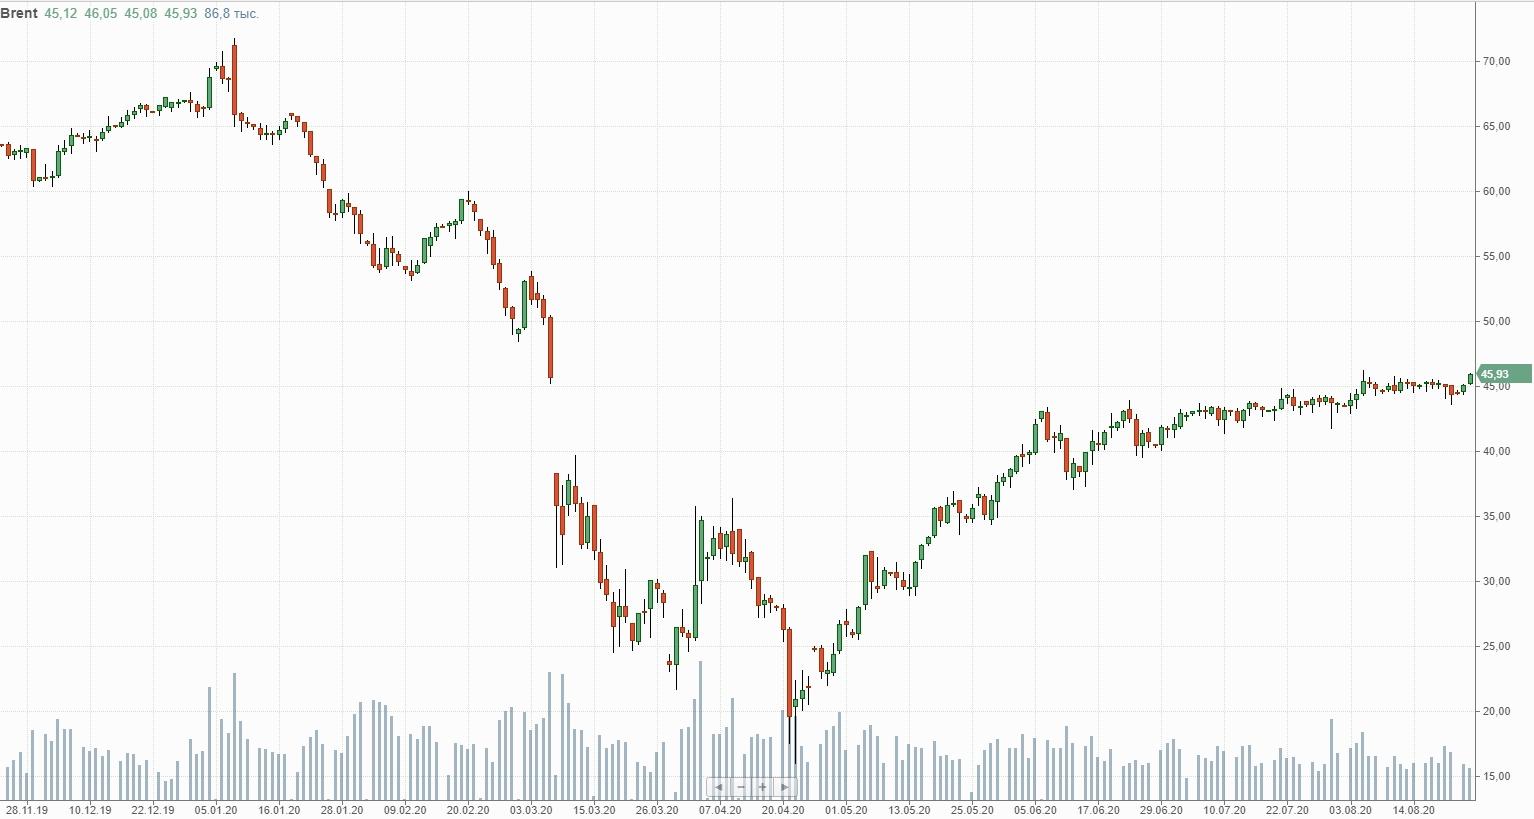 График стоимости нефти BRENT